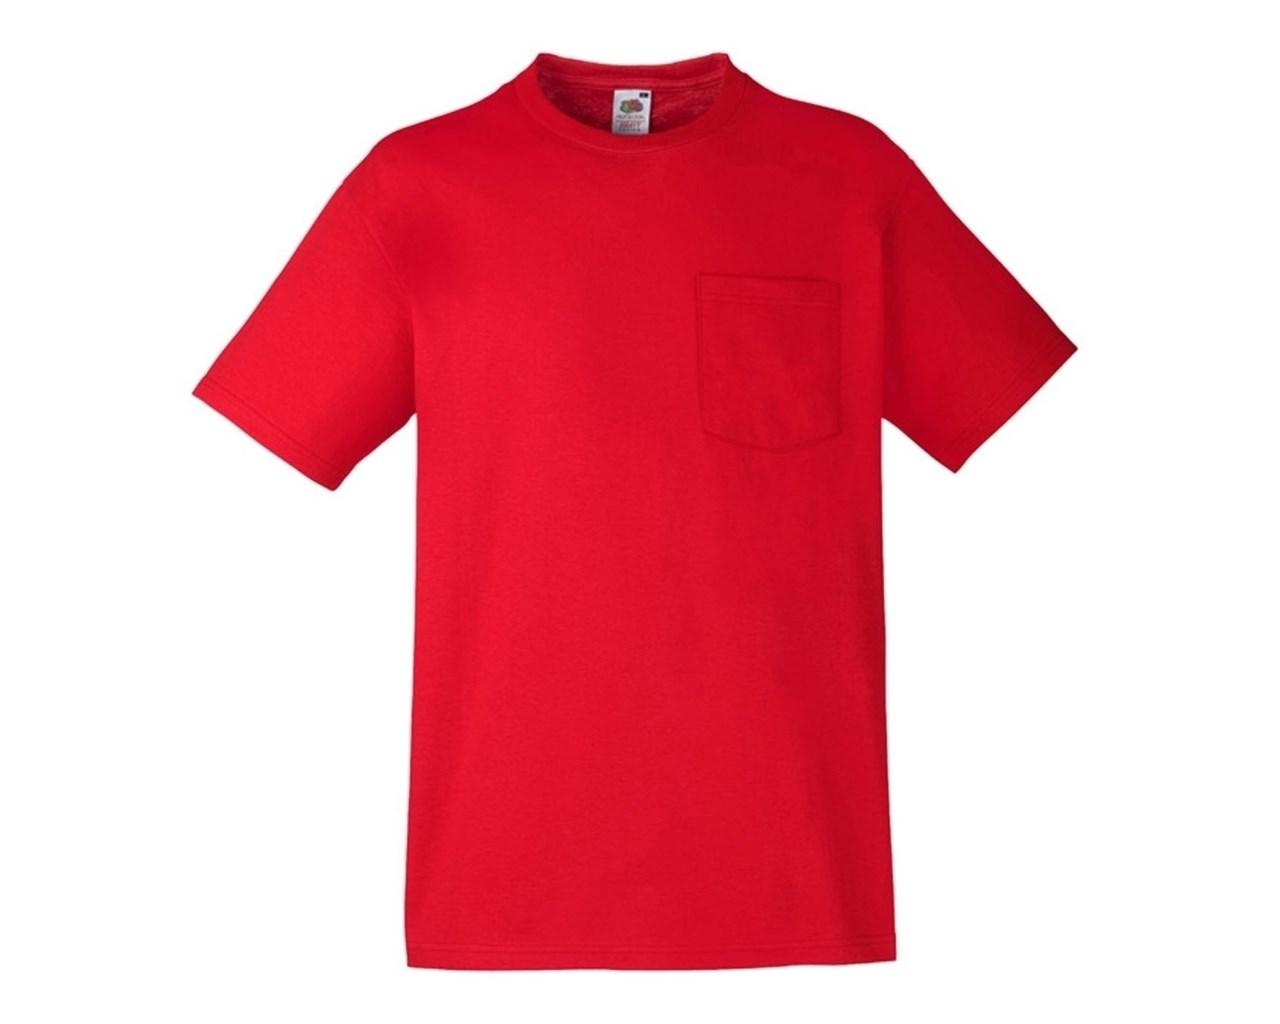 Fruit-of-the-Loom-Hombre-Algodon-Grueso-Manga-Corta-Bolsillo-Camiseta-61202